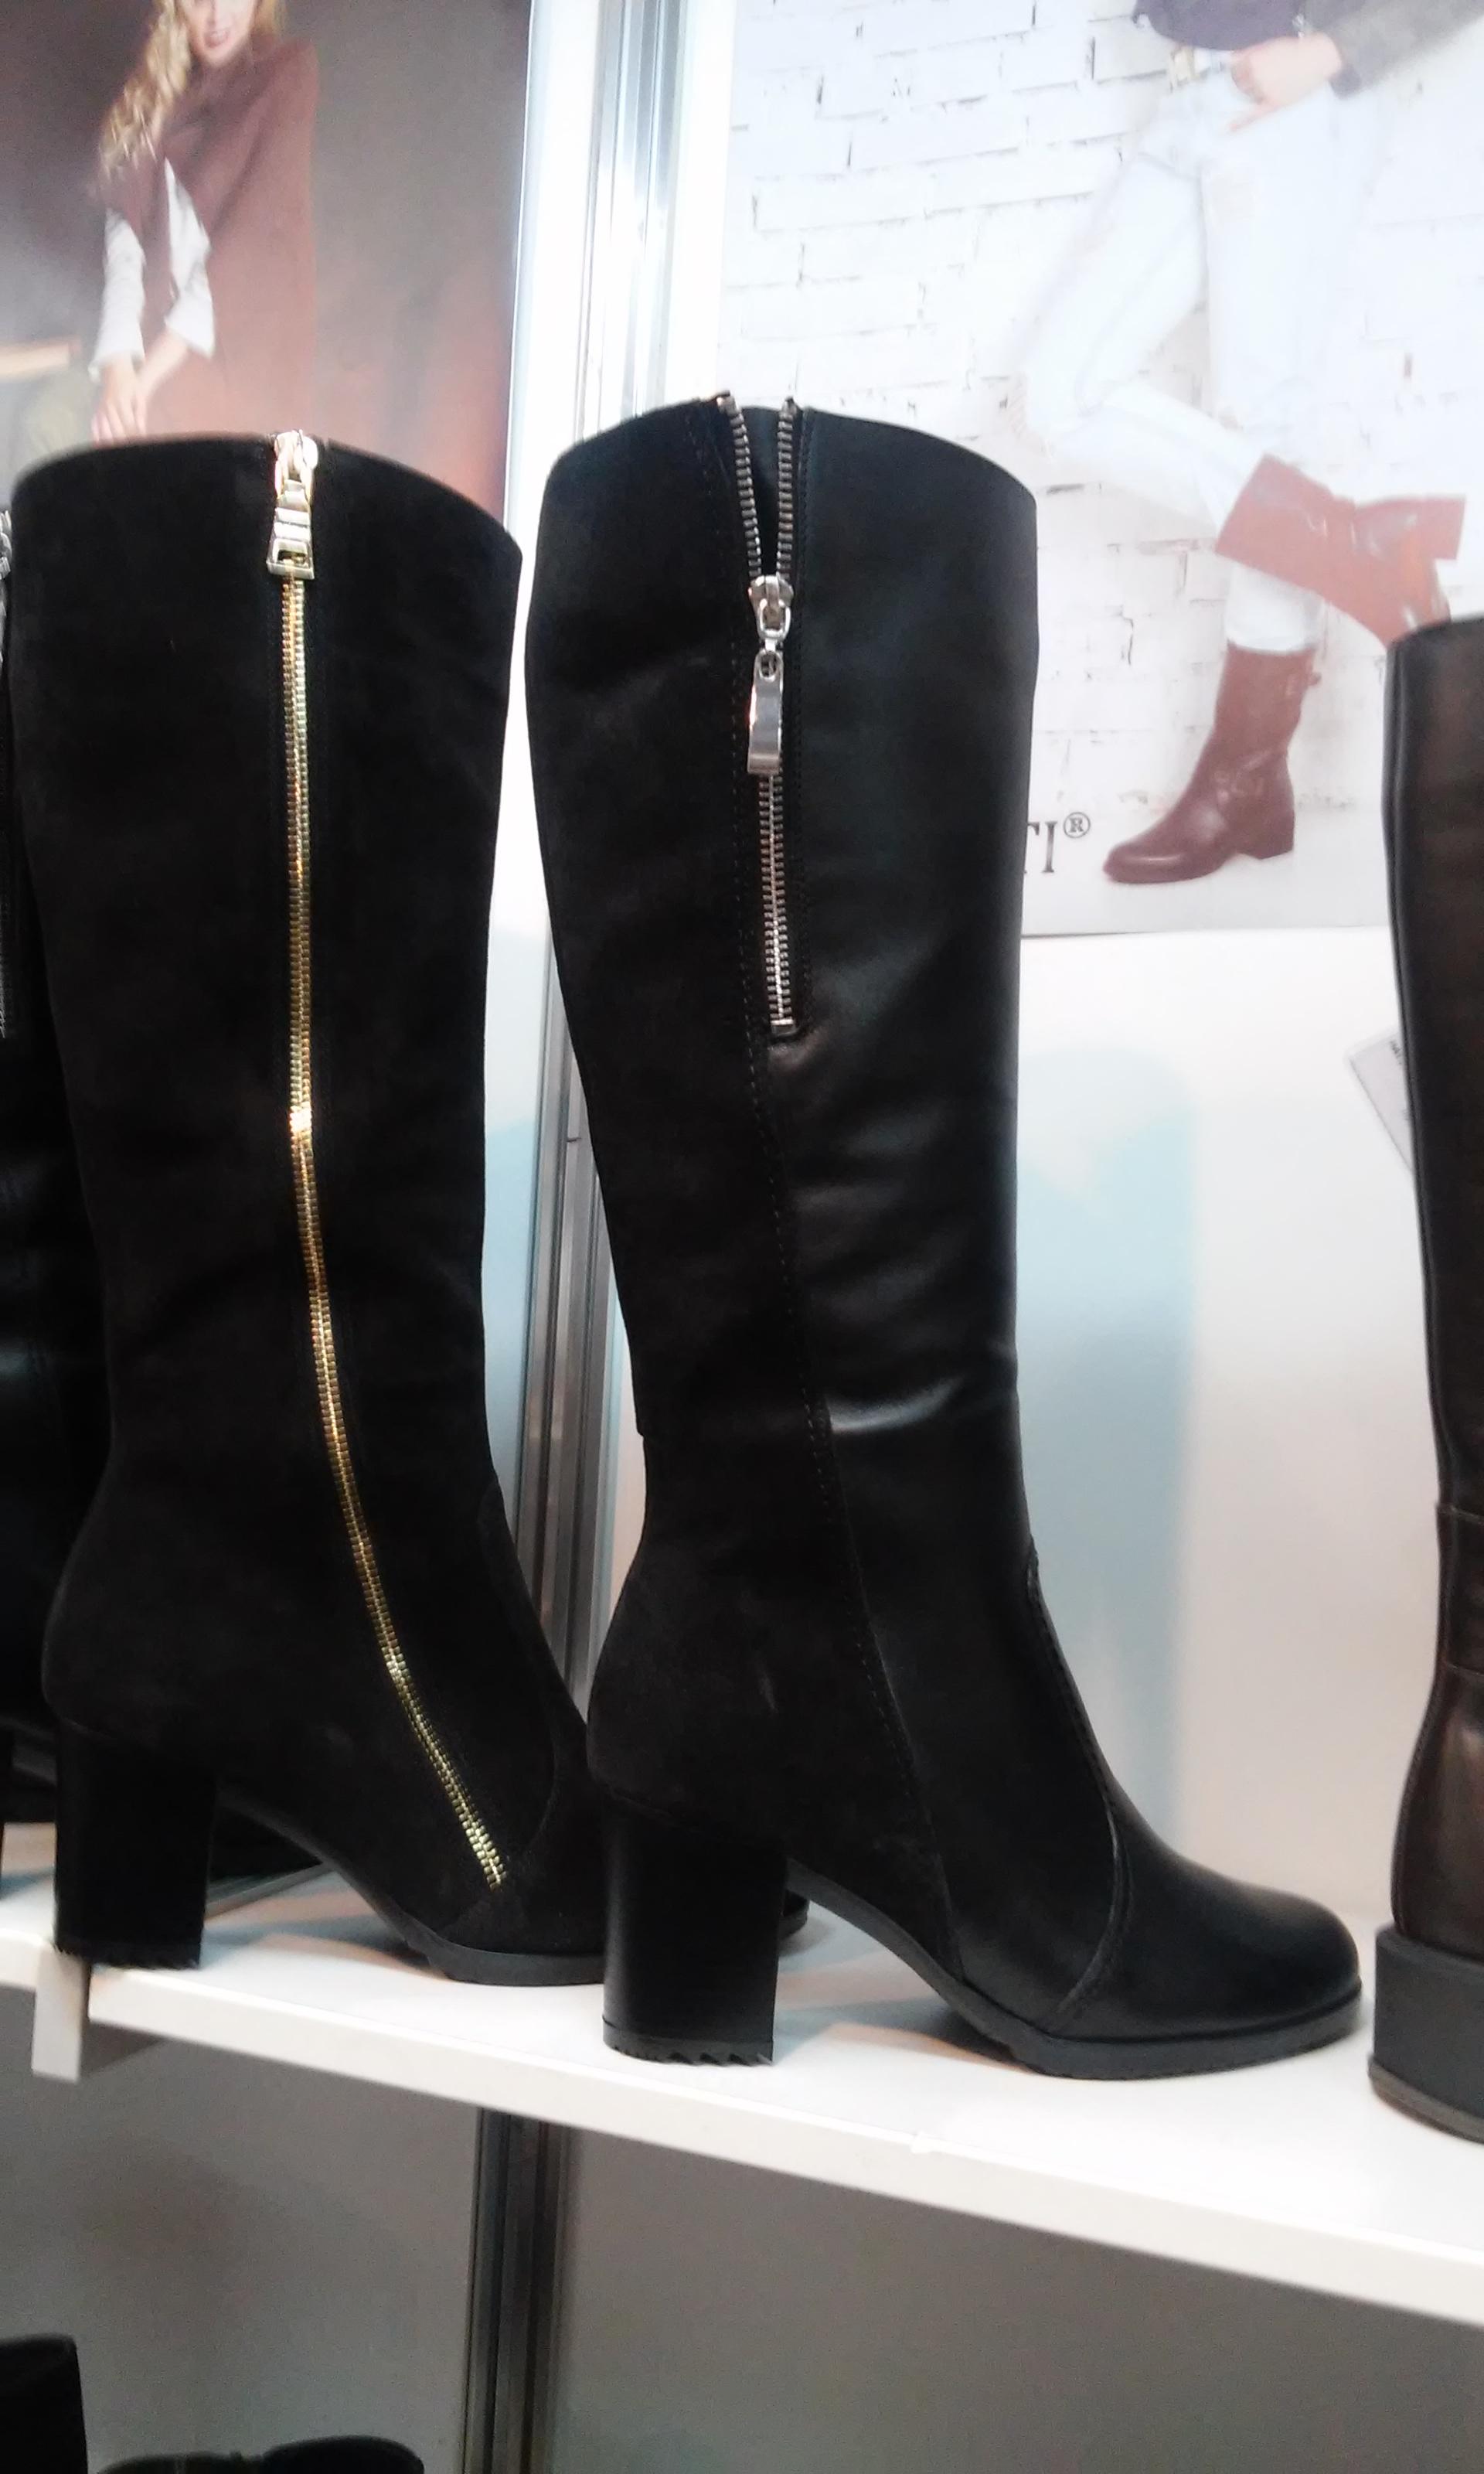 Сбор заказов. Наша отечественная обувь. Колодка серии комфорт, высокое качество. Без рядов ! Зимняя коллекция и туфли. Рекомендую